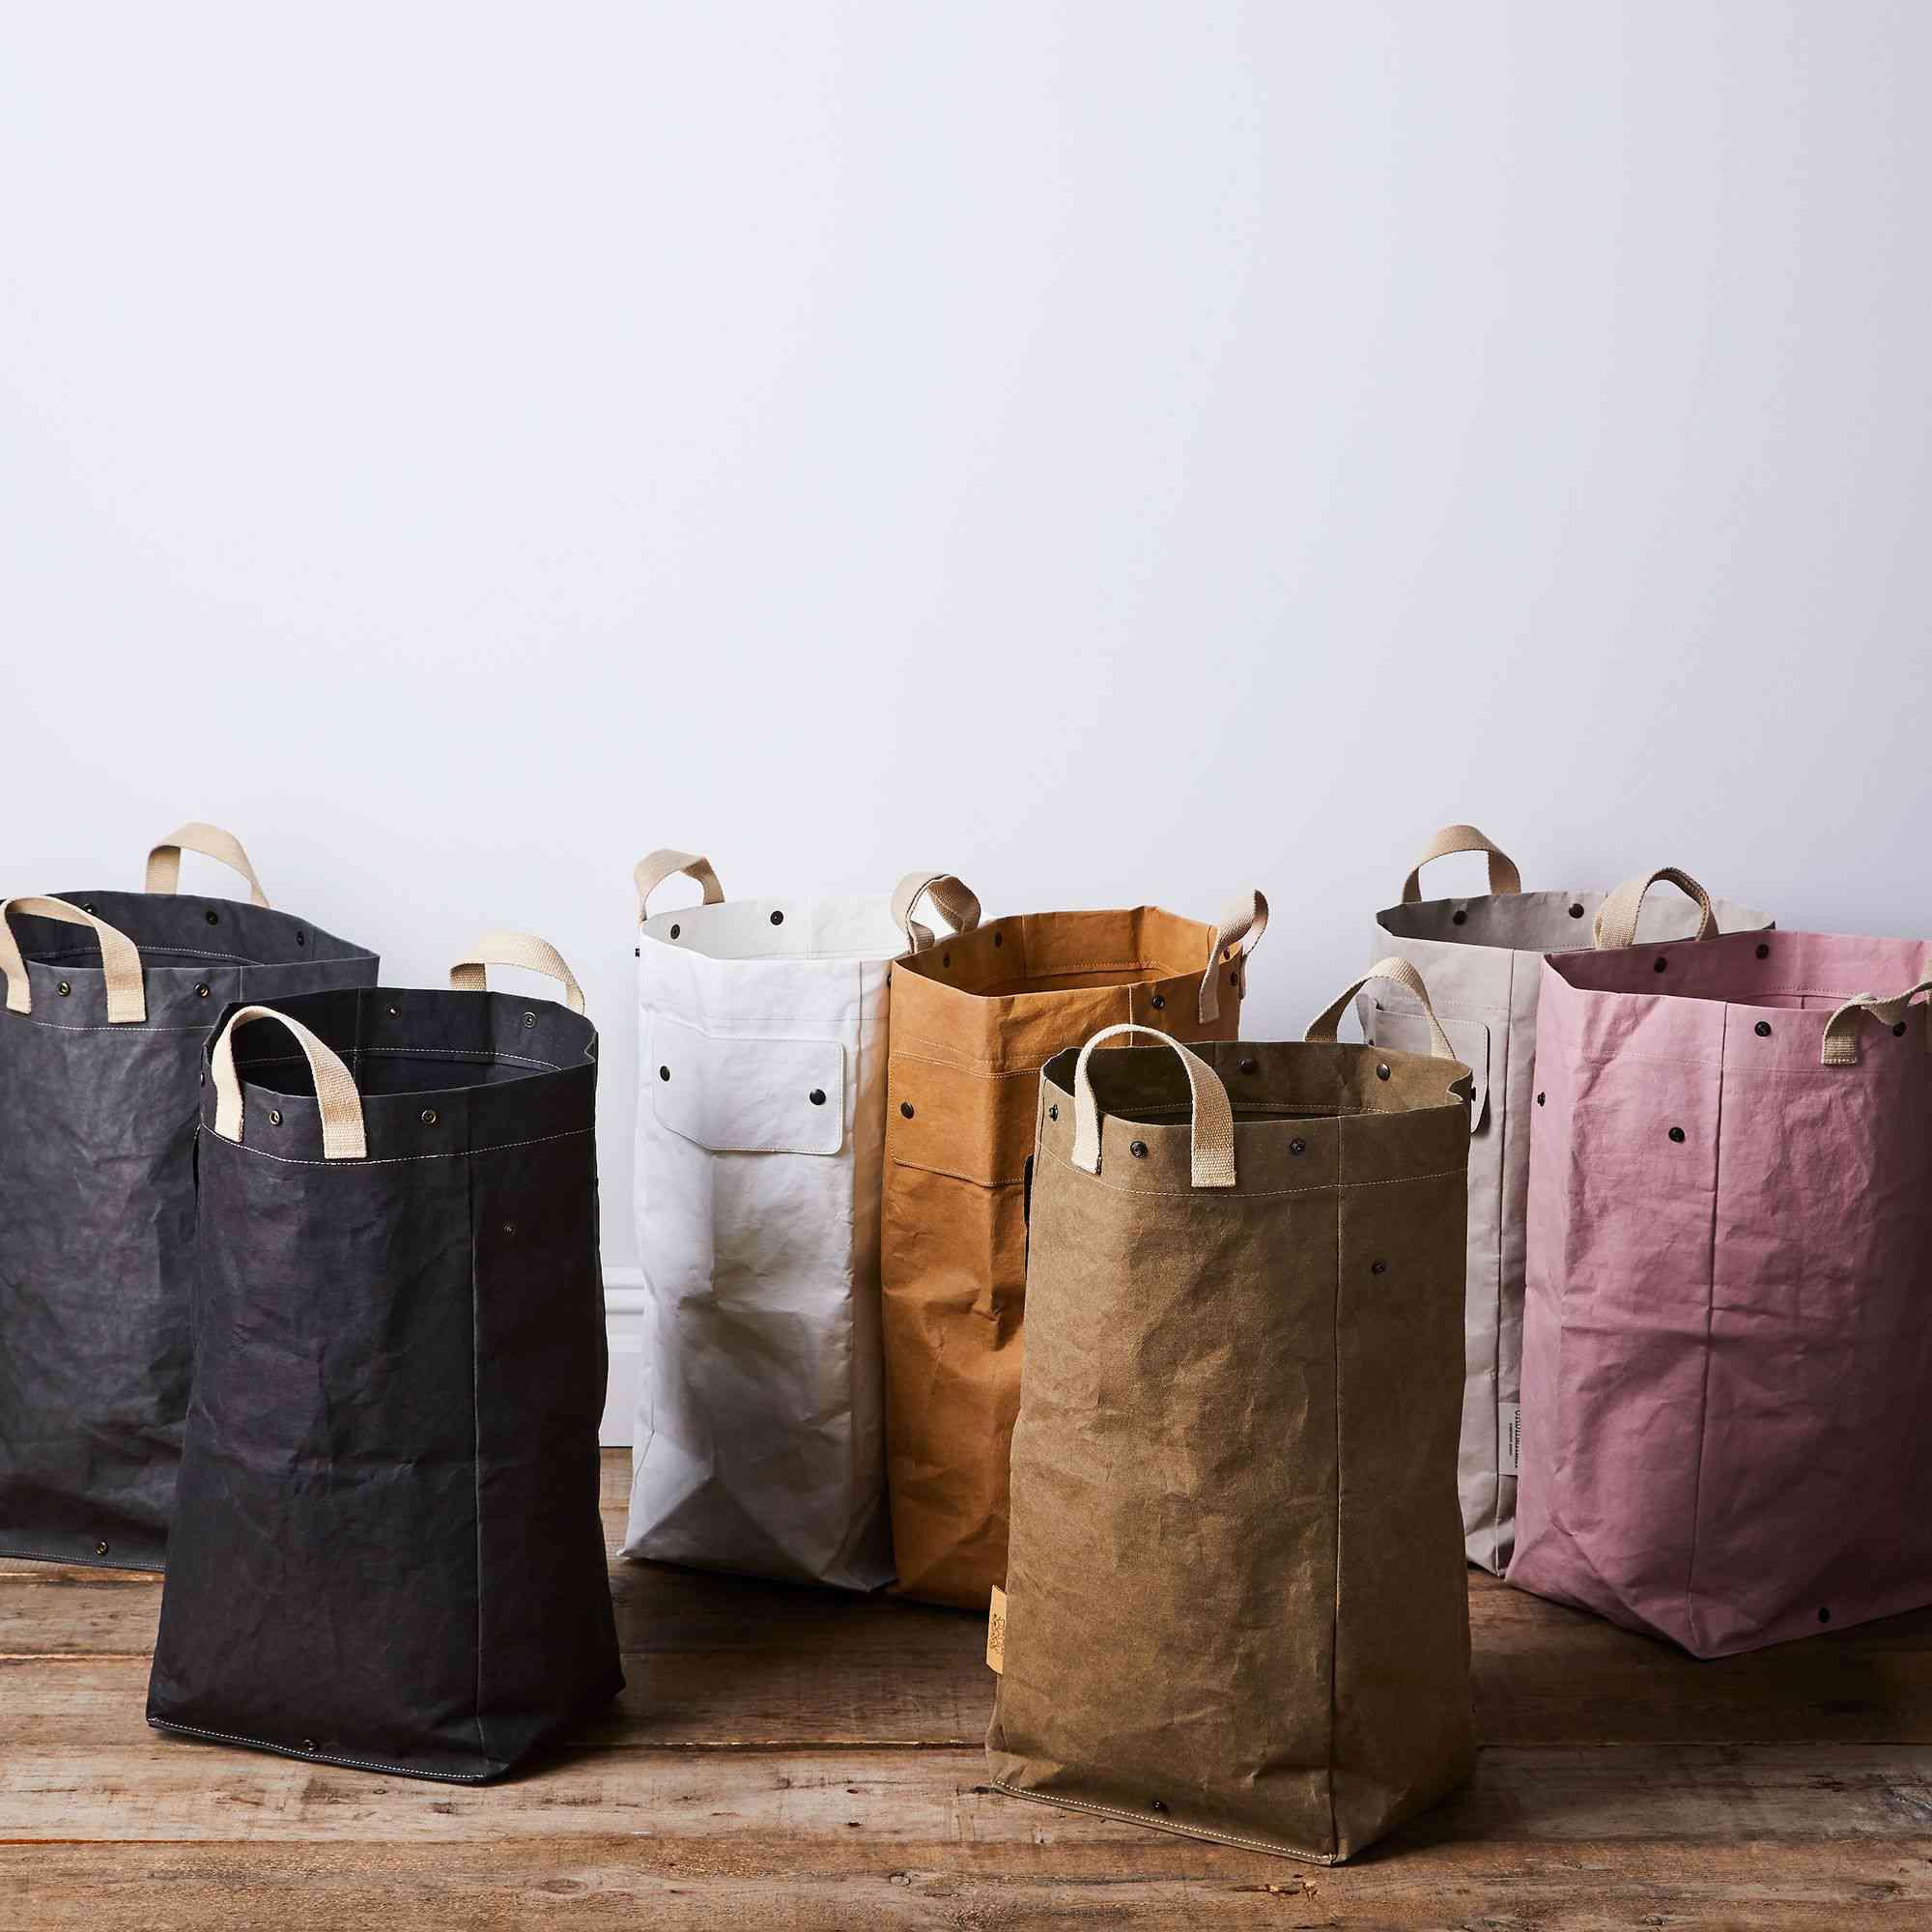 modular snap together bags